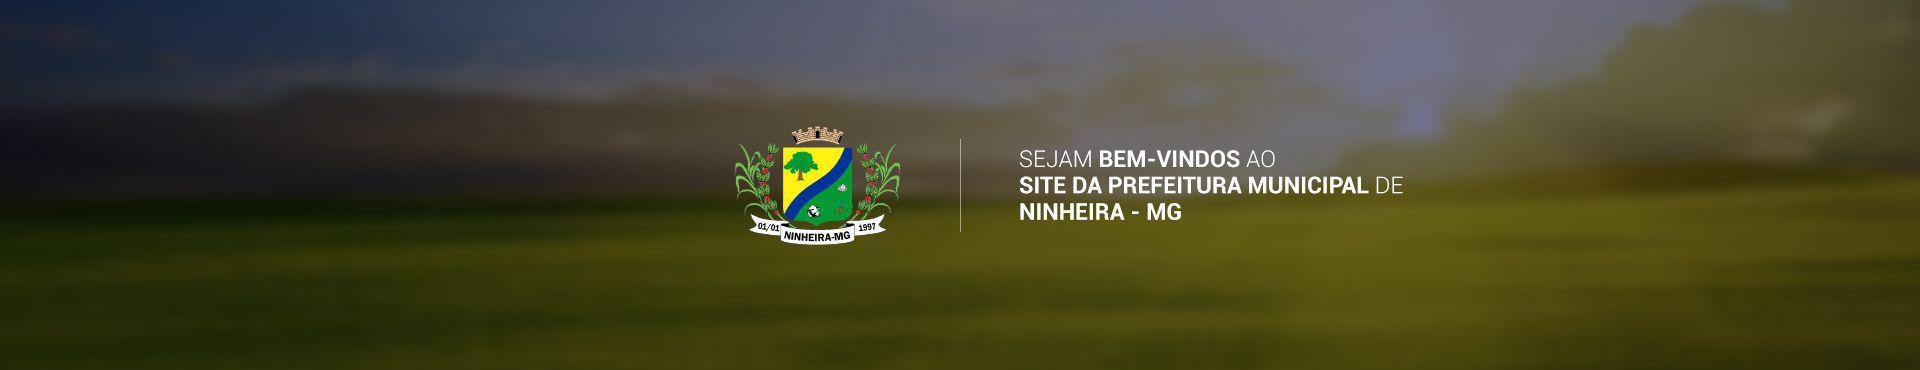 Prefeitura Ninheira